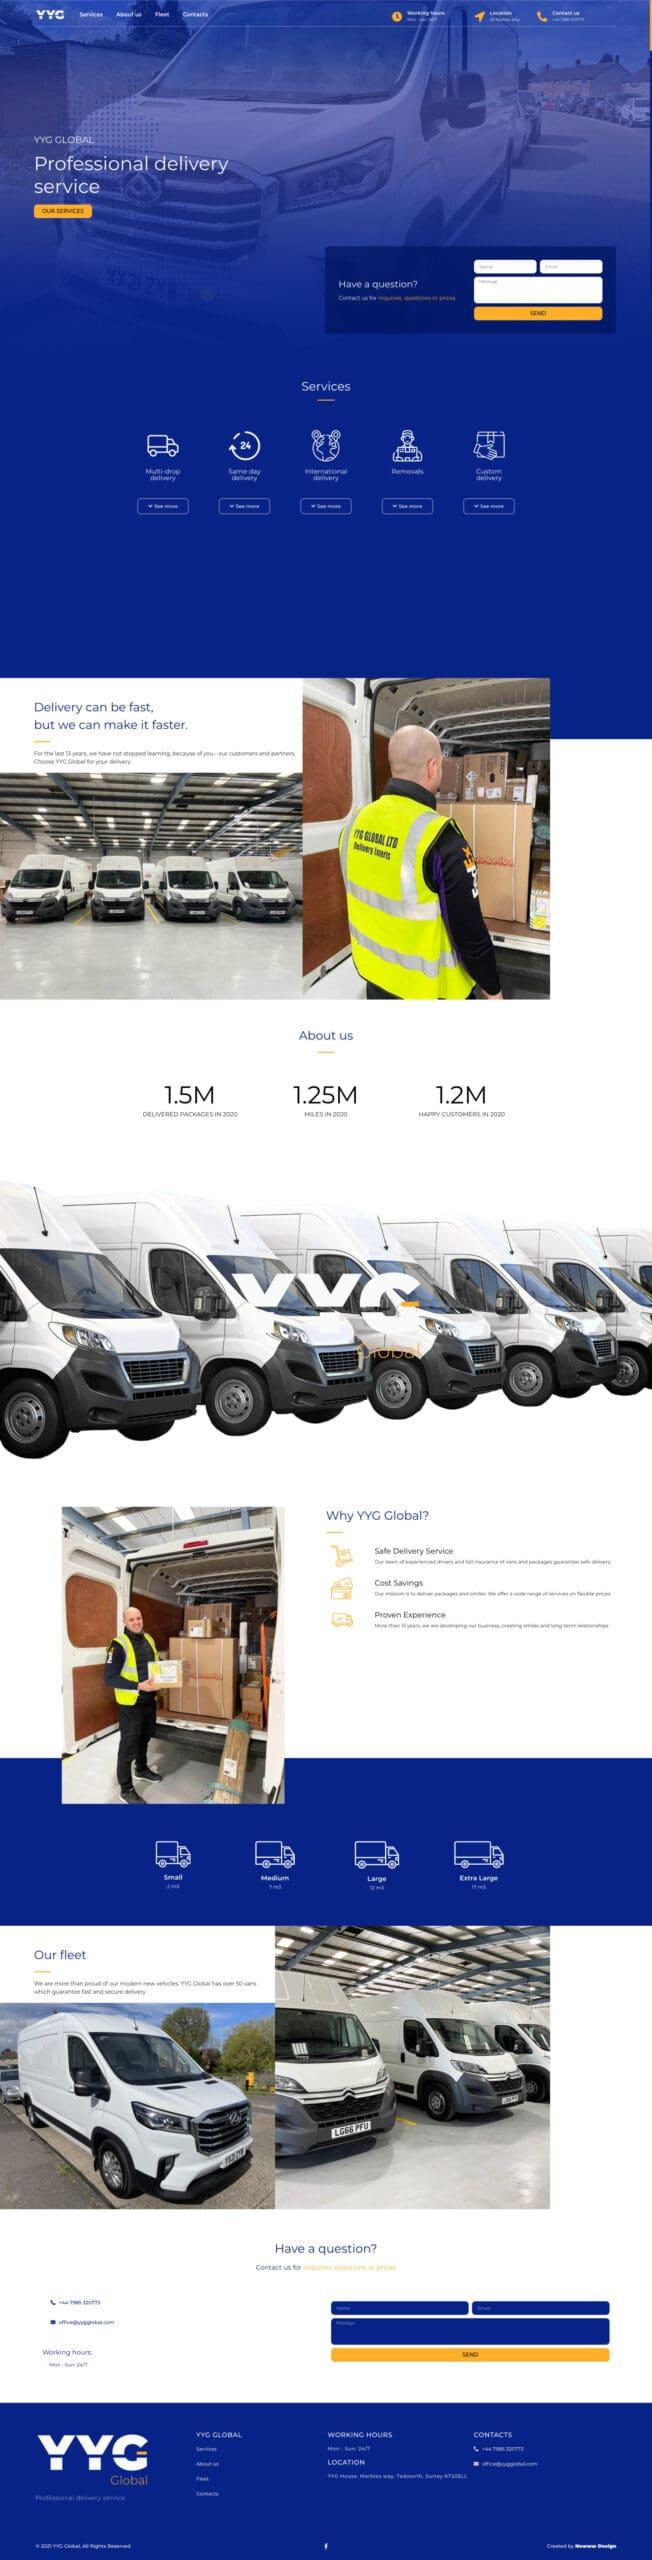 YYG Global изработка на уеб сайт начална страница